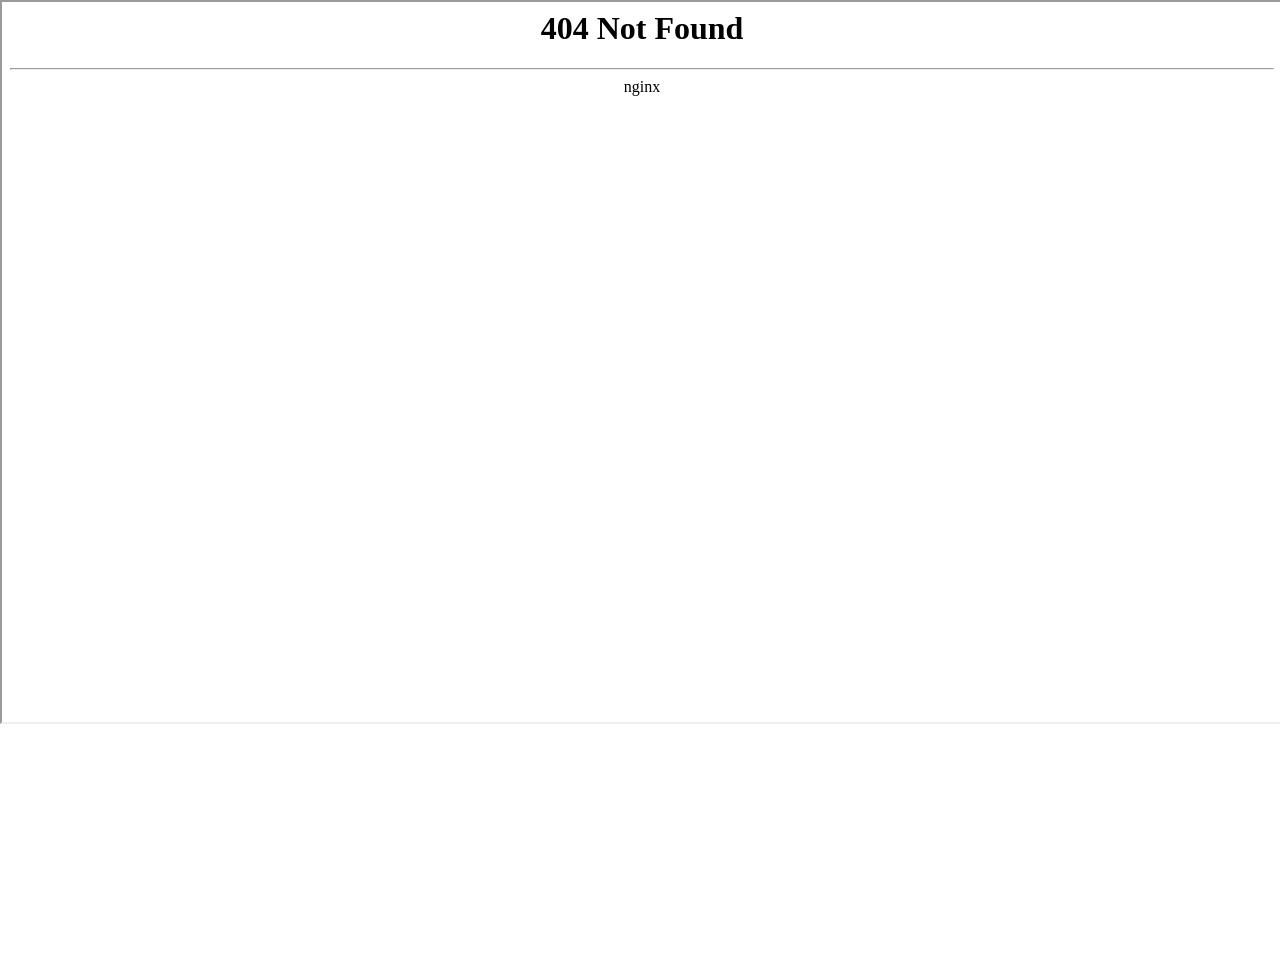 酷站网址大全_酷站推荐,网站收录,酷站导航